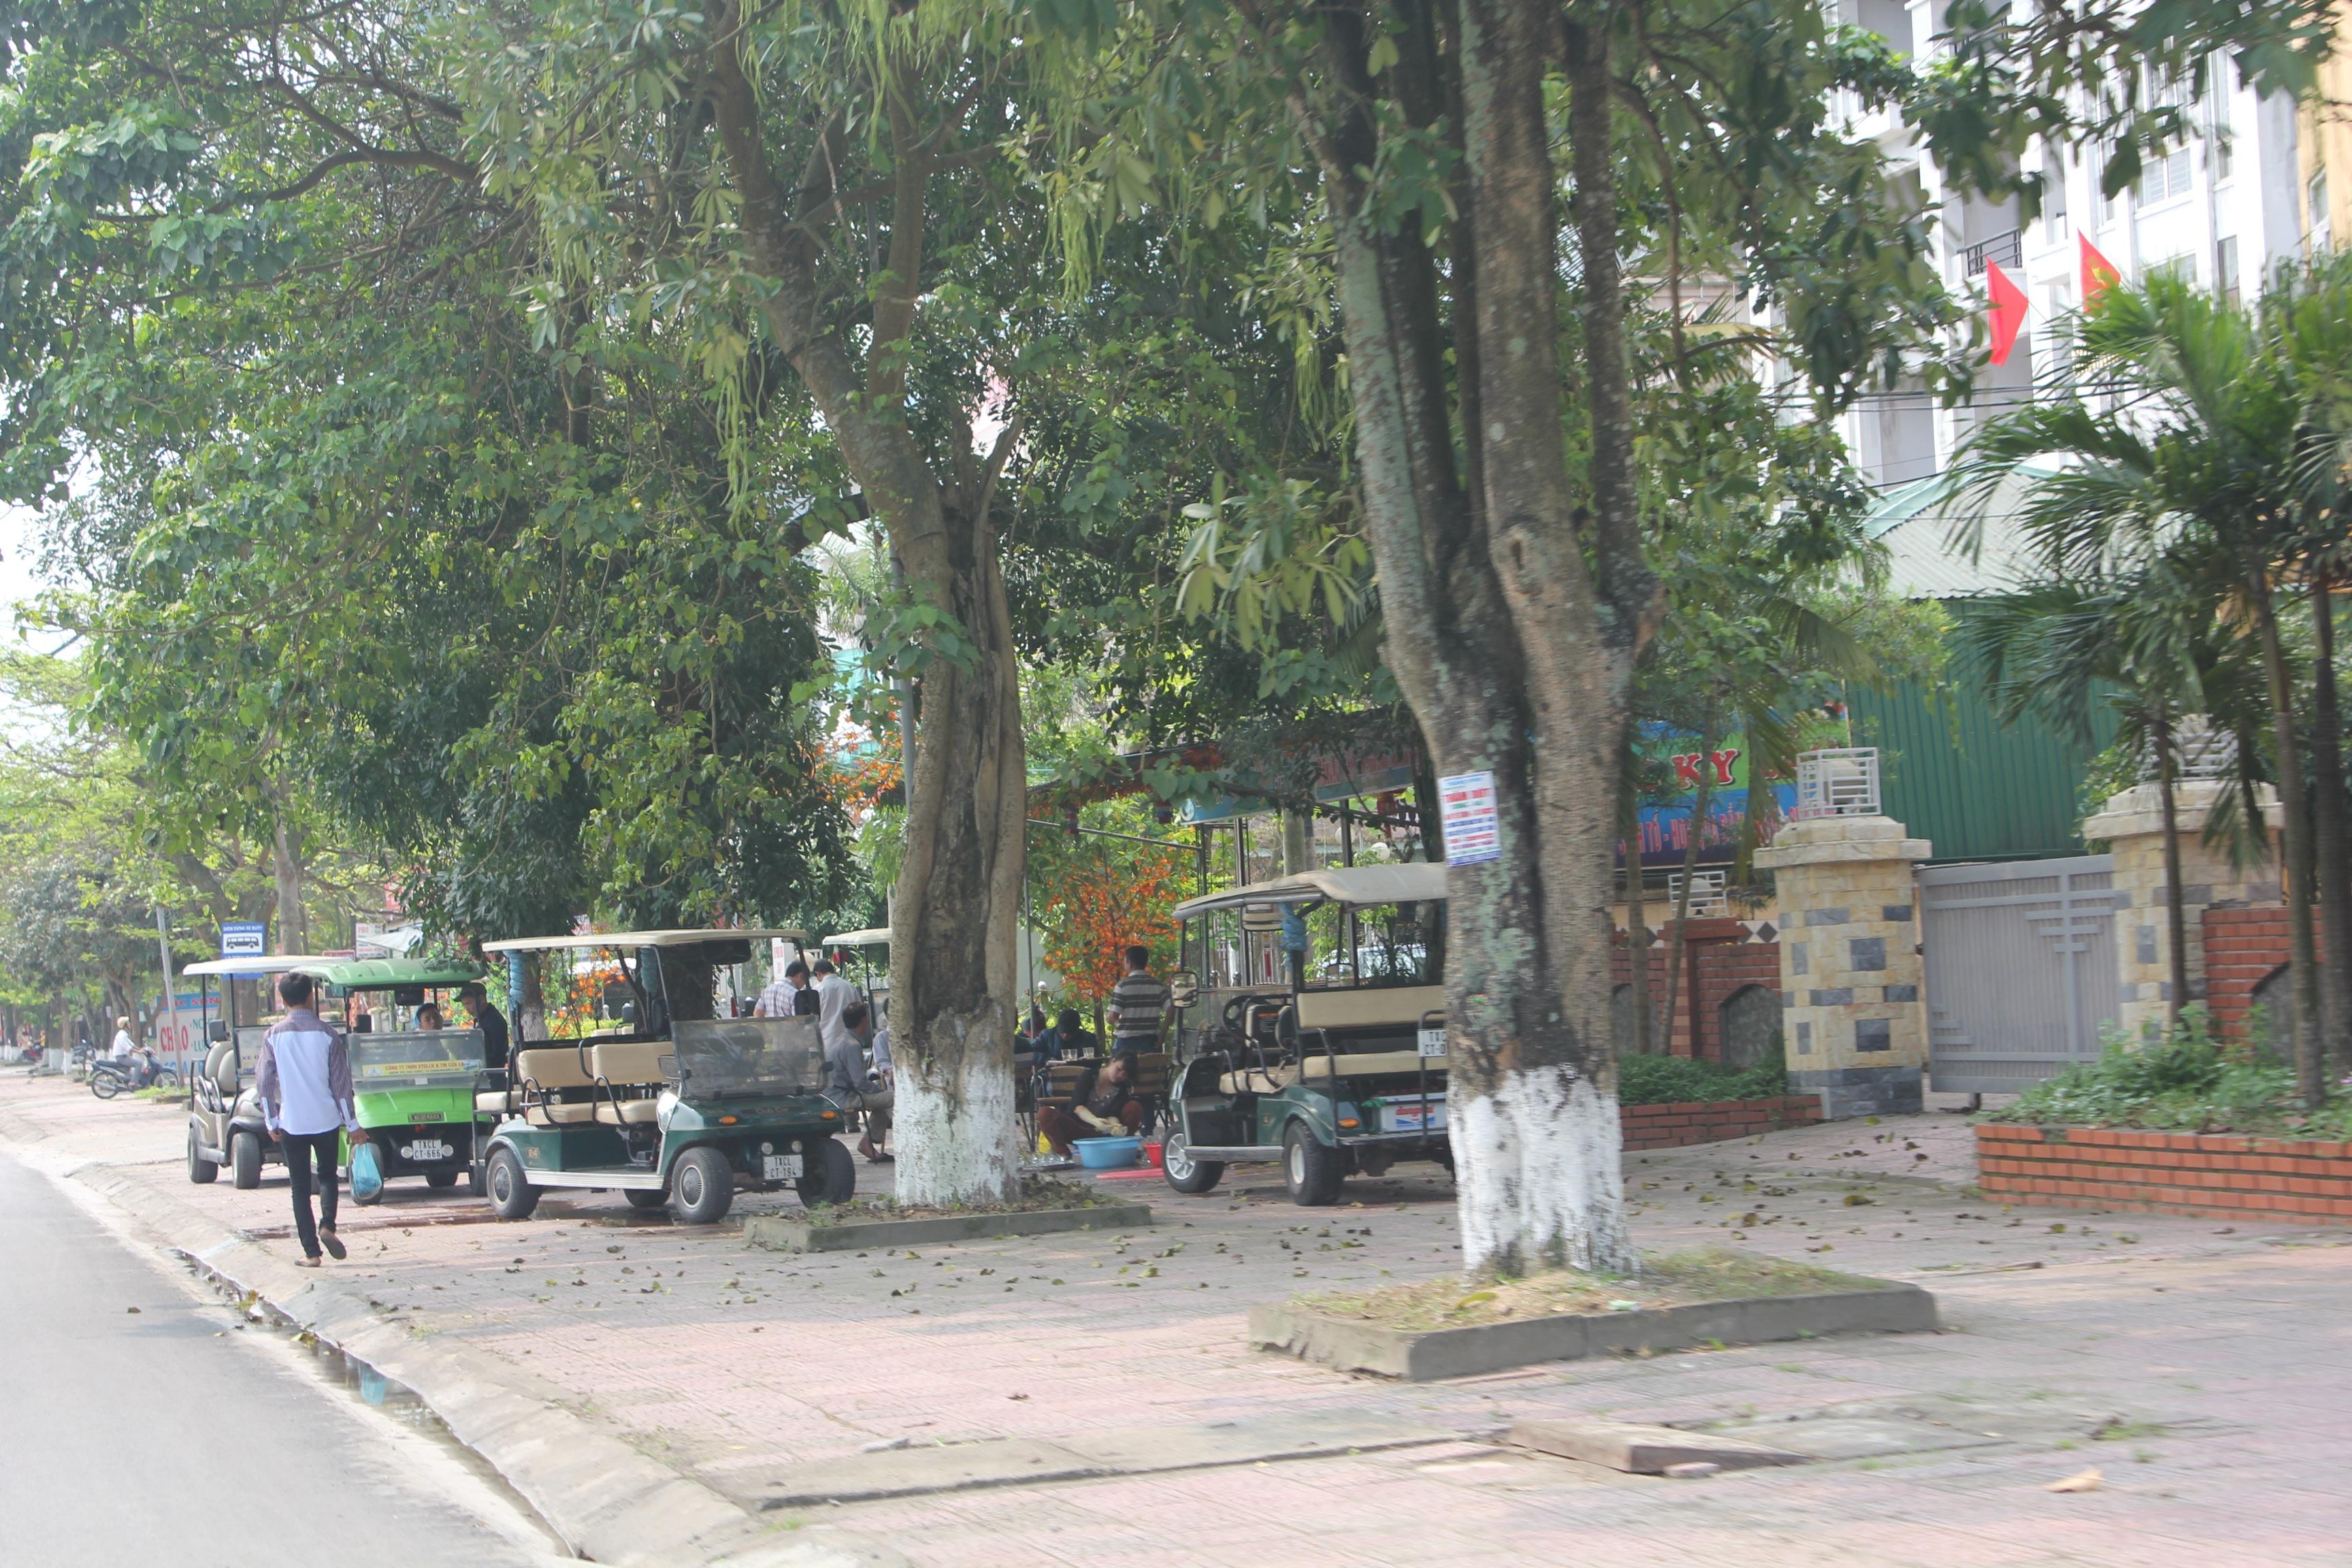 Thị xã Cửa Lò đóng dấu lên các xe thuộc diện thí điểm thực hiện dự án.